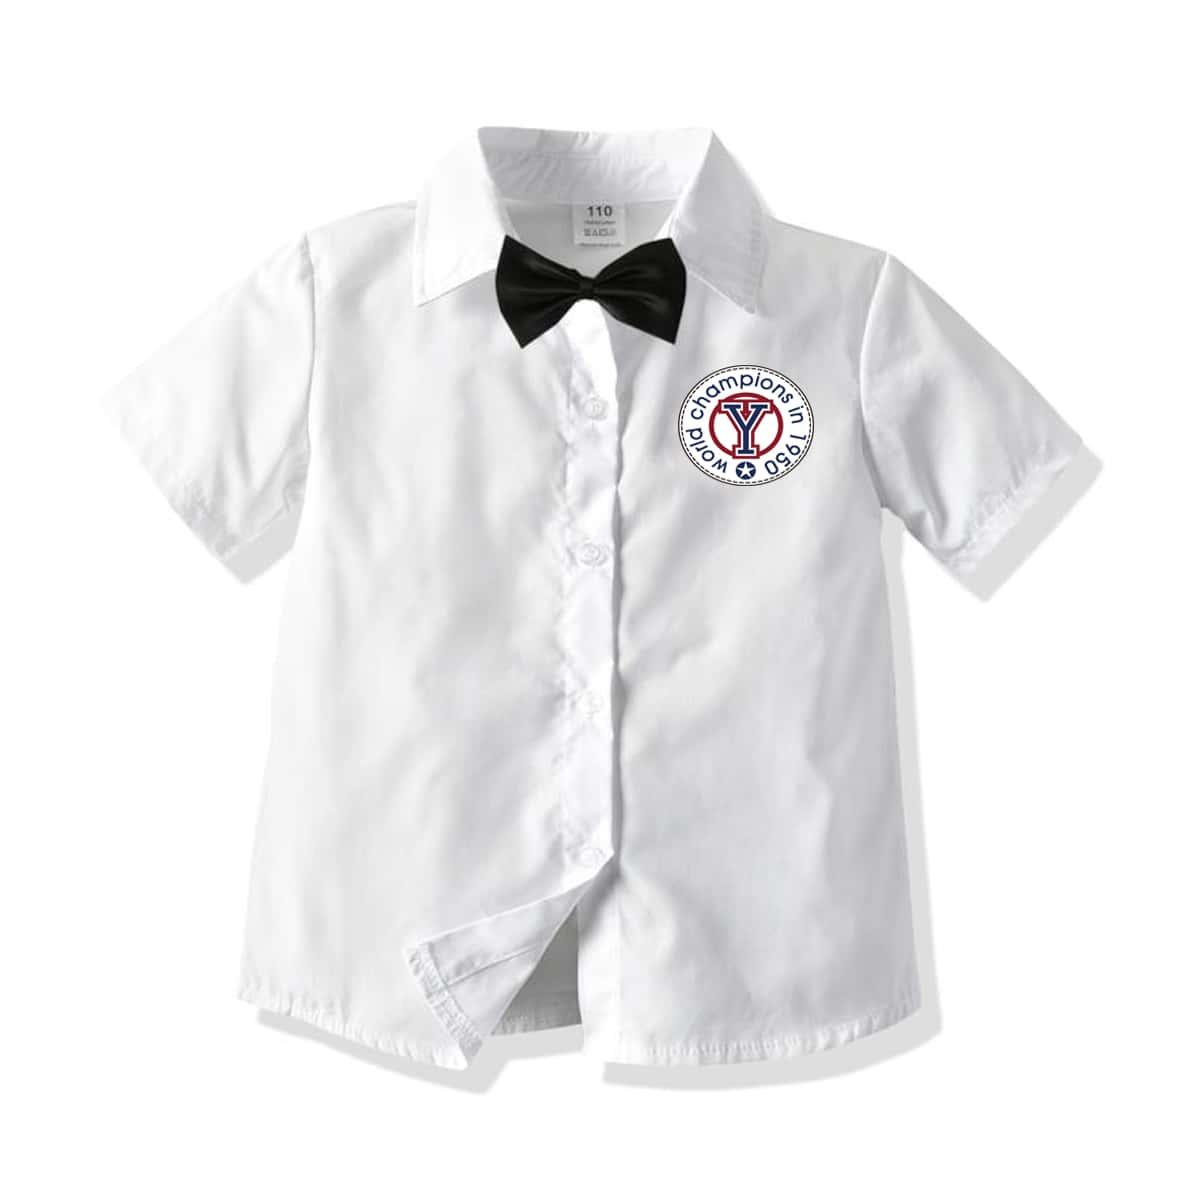 Рубашка с бантом и текстовым принтом для мальчиков от SHEIN